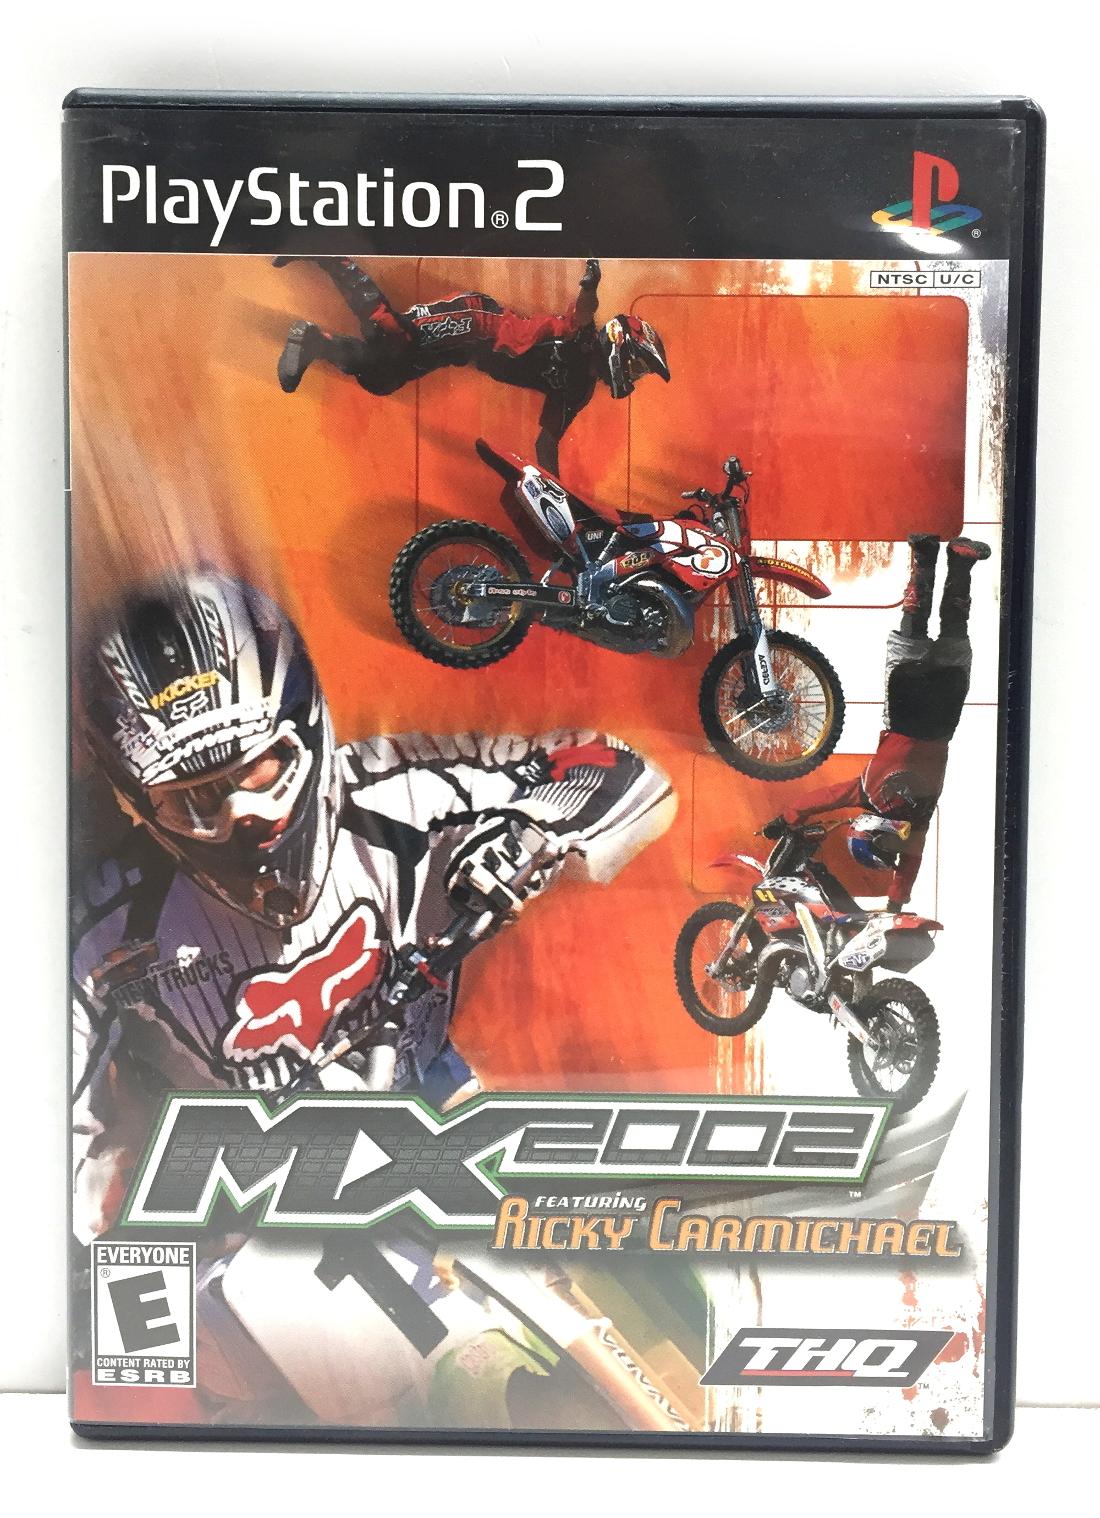 Sony Game Mx 2002 - $8.99